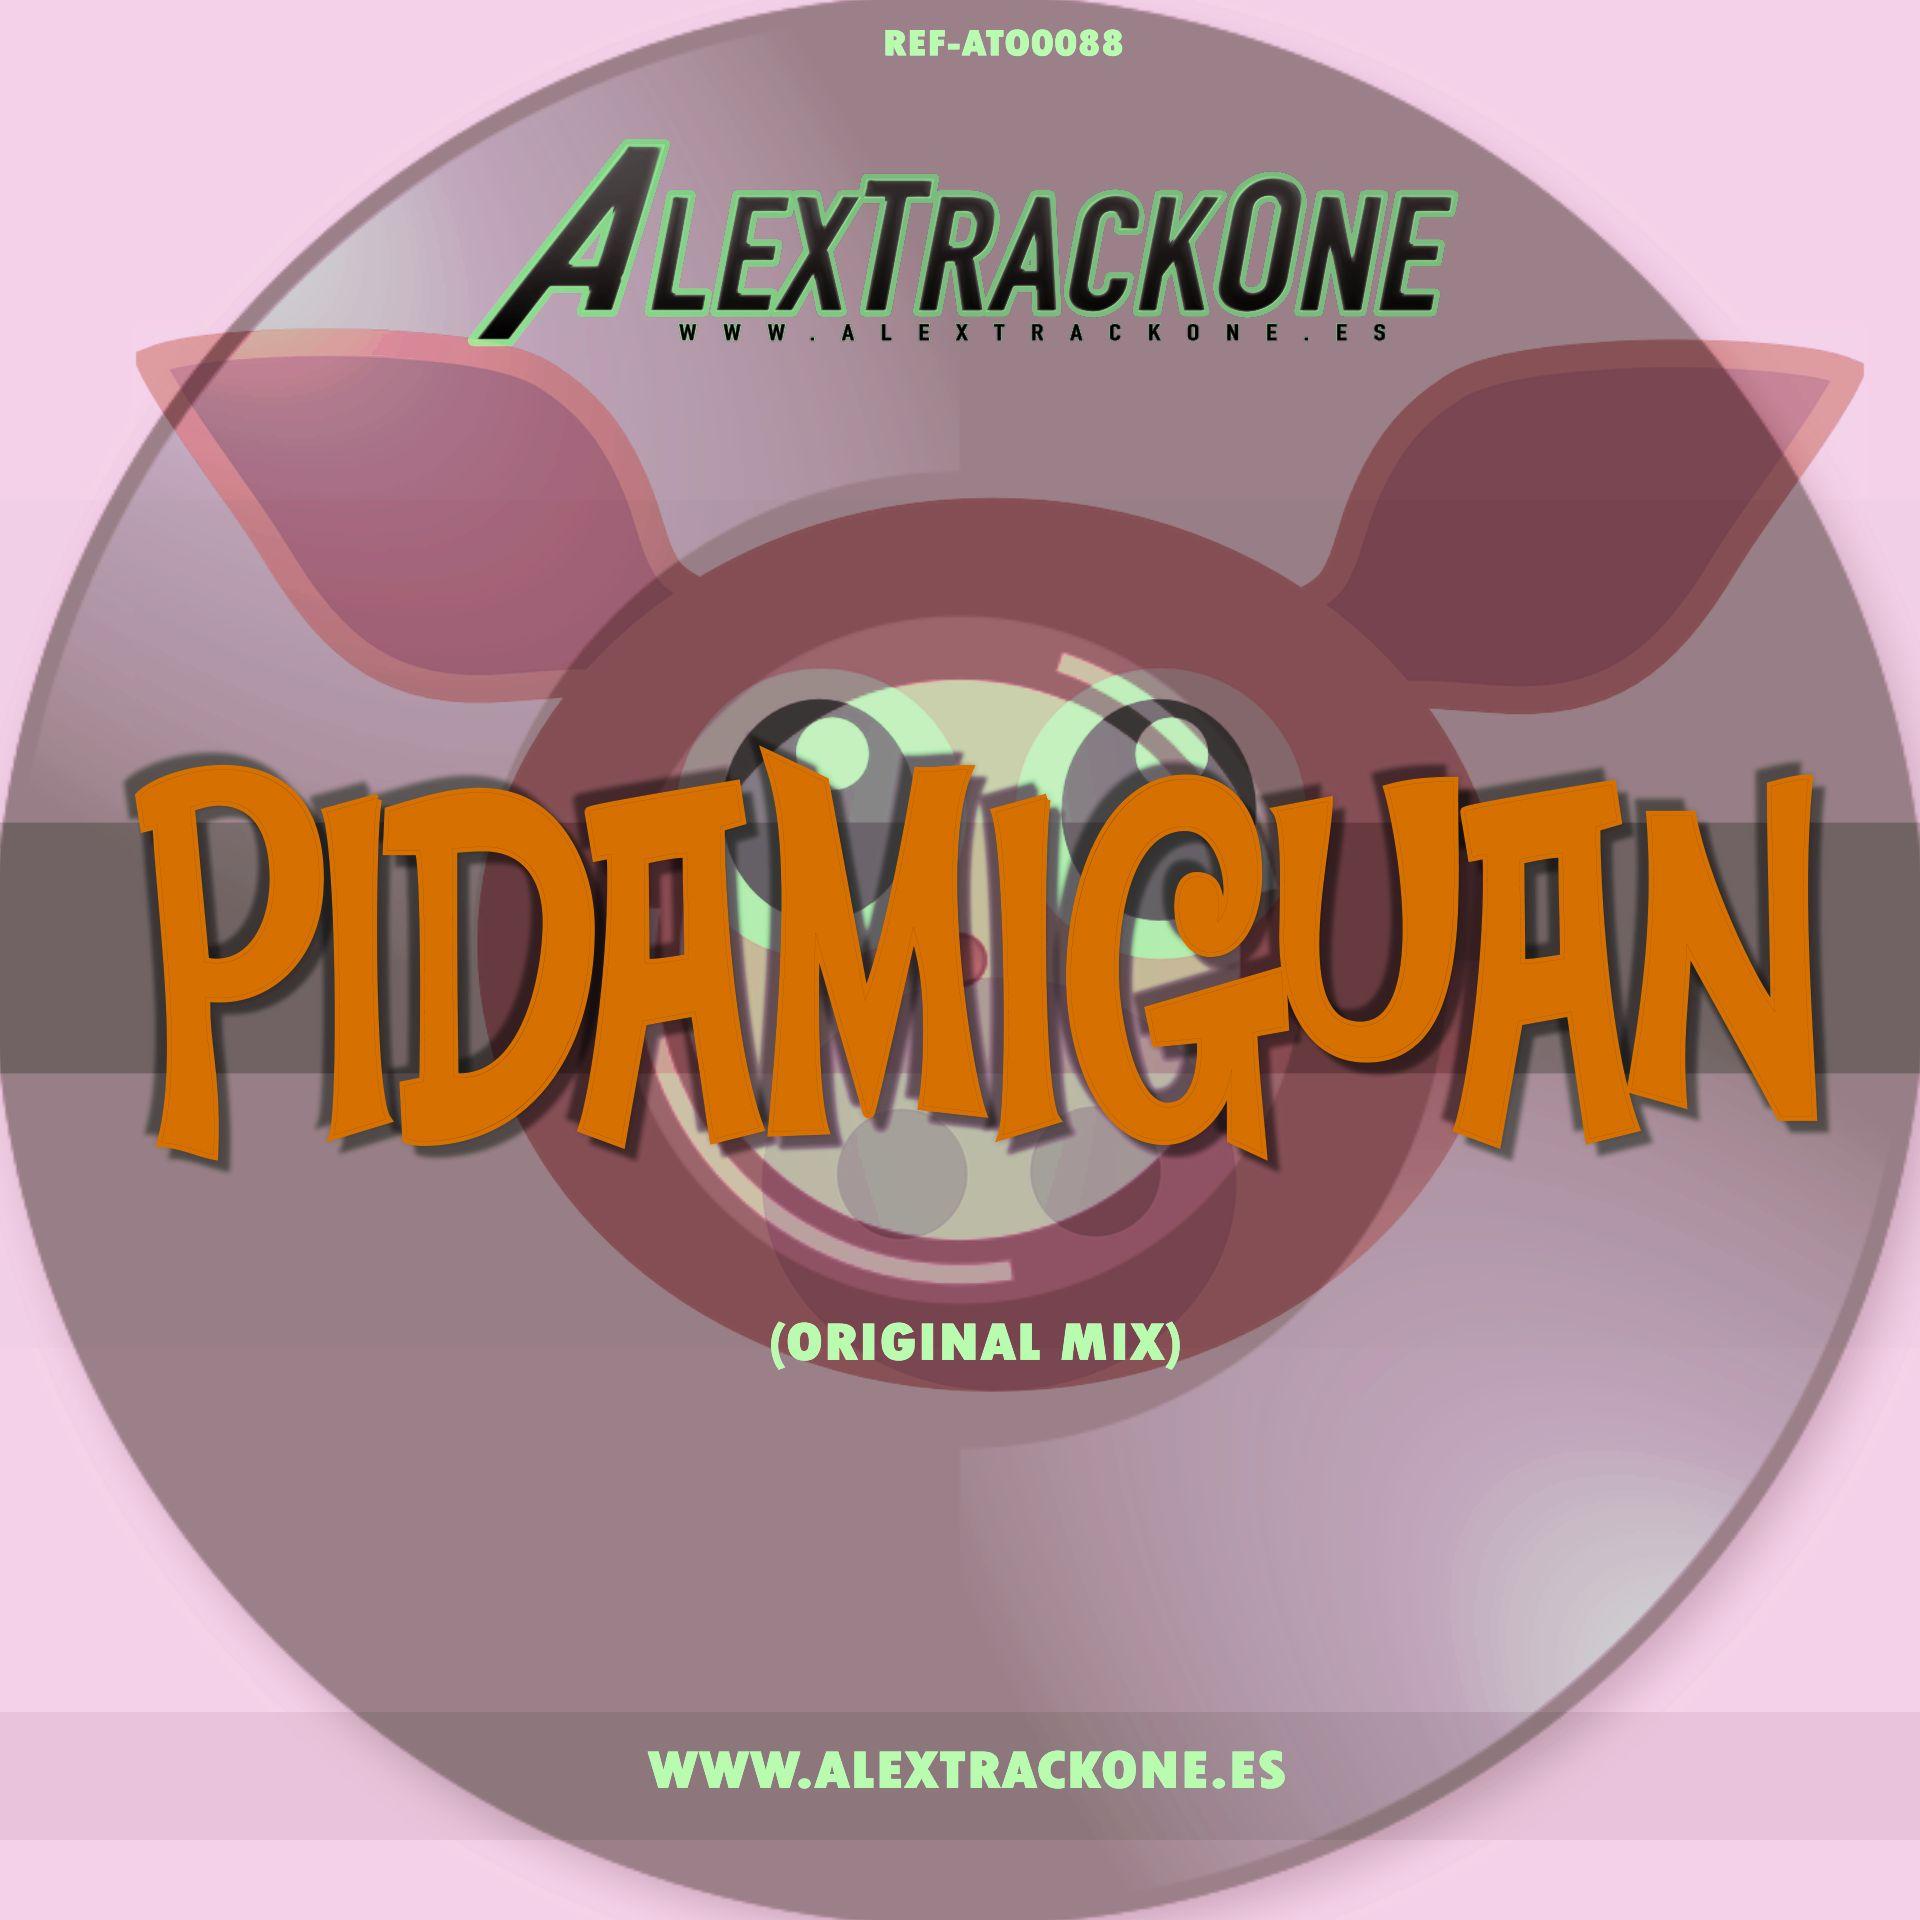 REF-ATO0088 PIDAMIGUAN (ORIGINAL MIX) (MP3 & WAV & FLAC)